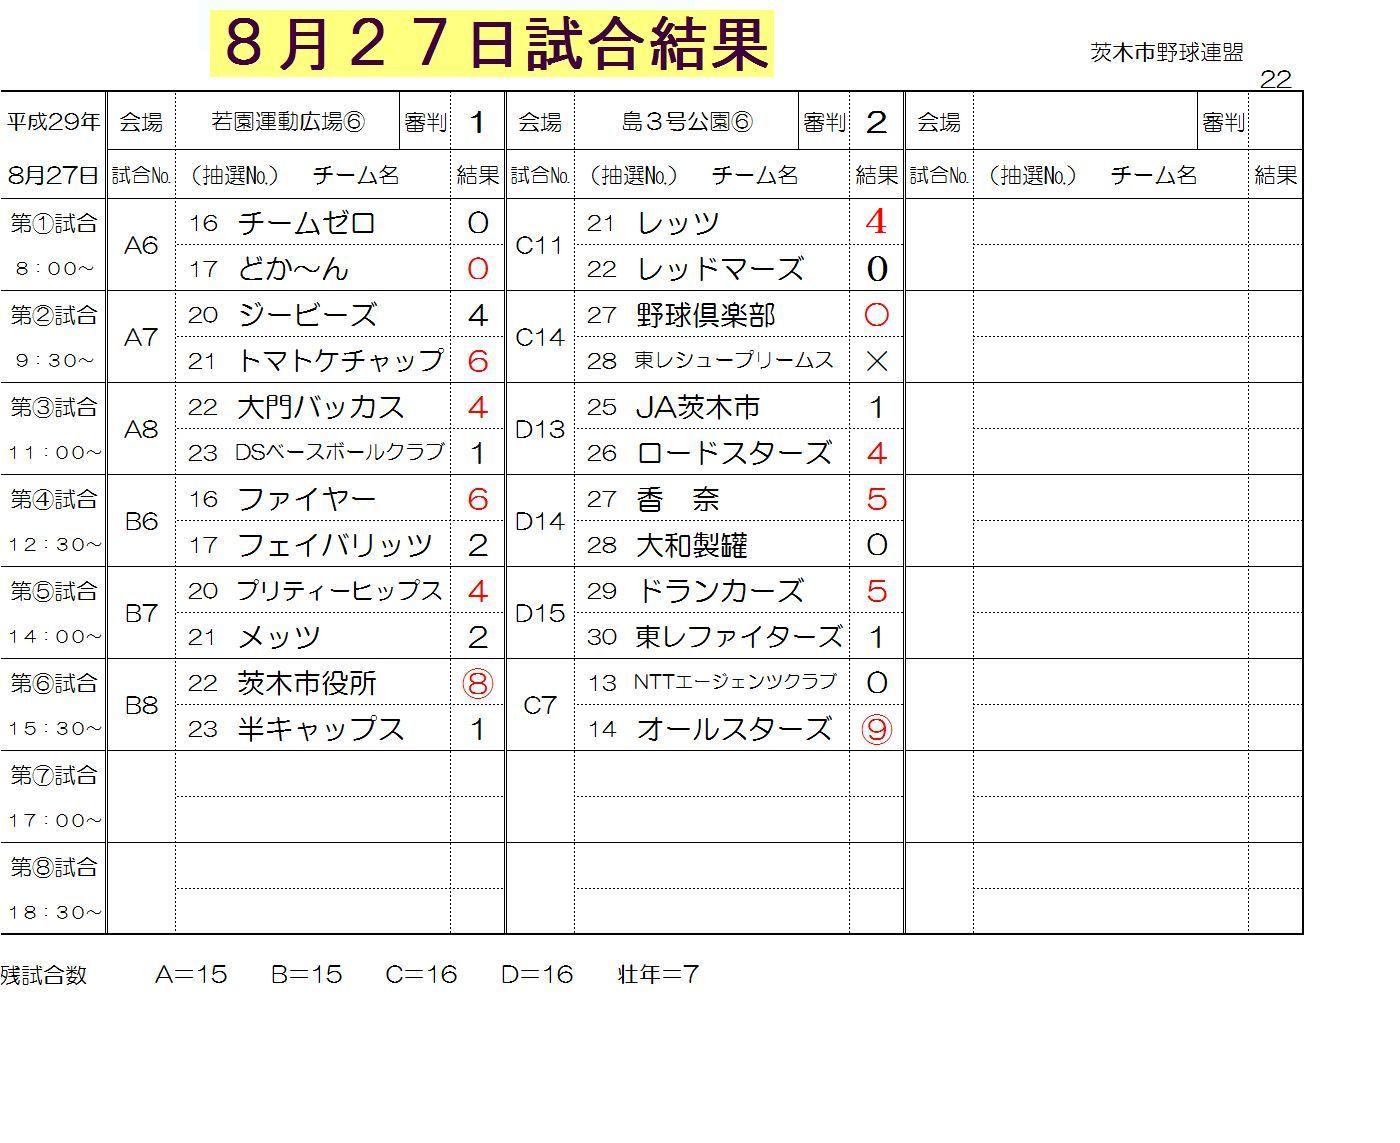 8月27日試合結果